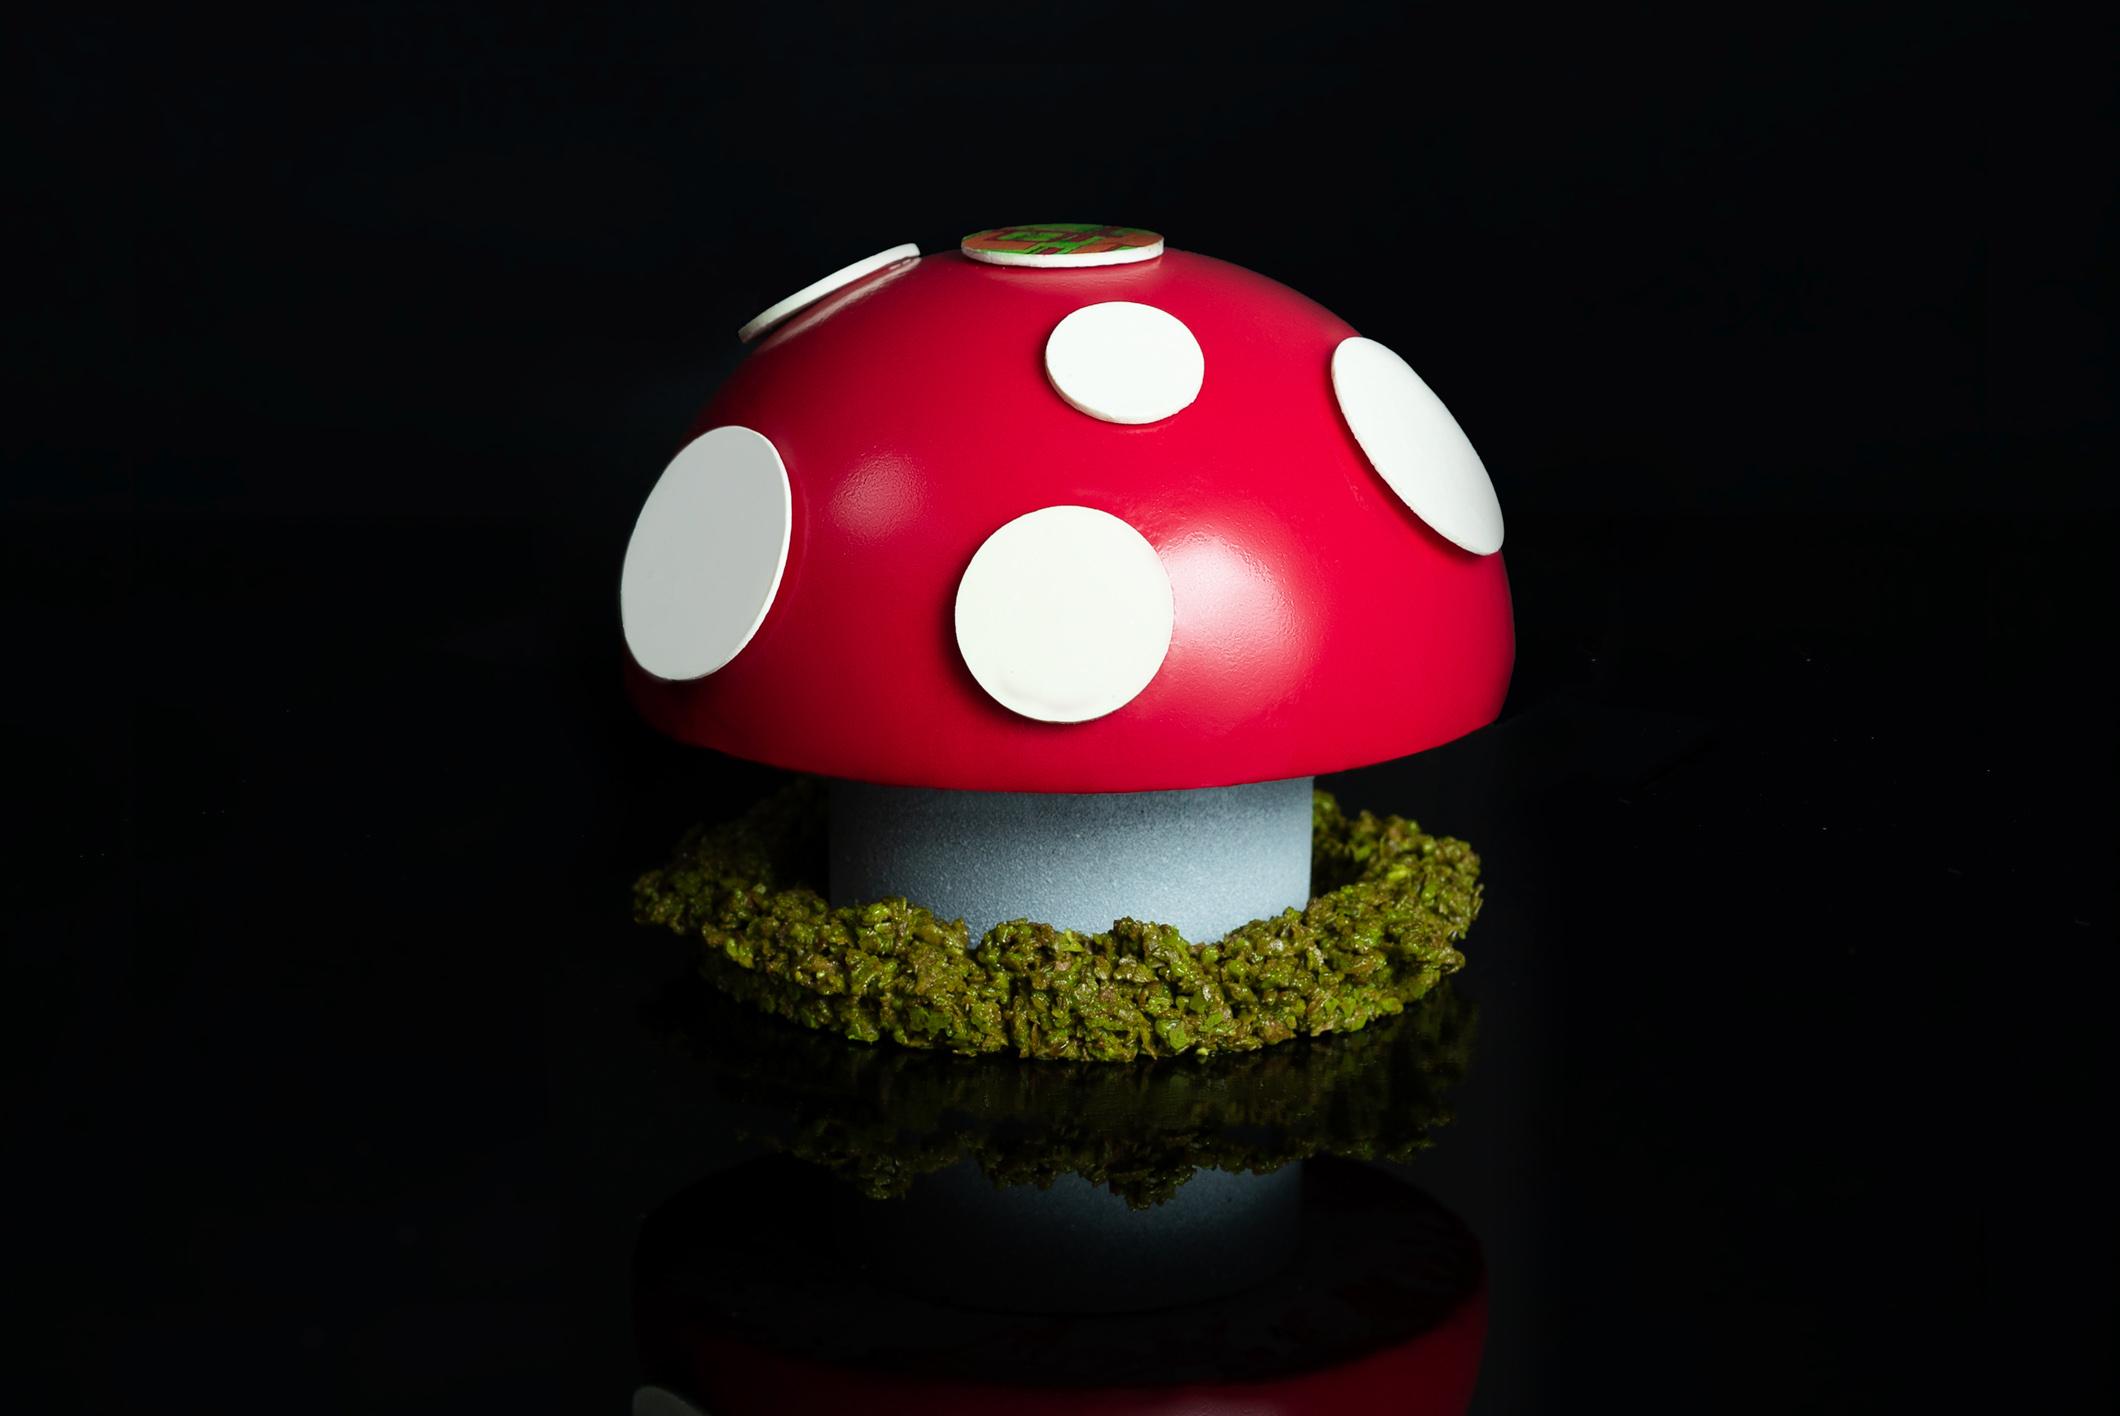 Dr Evil's Magic Mushroom Cake